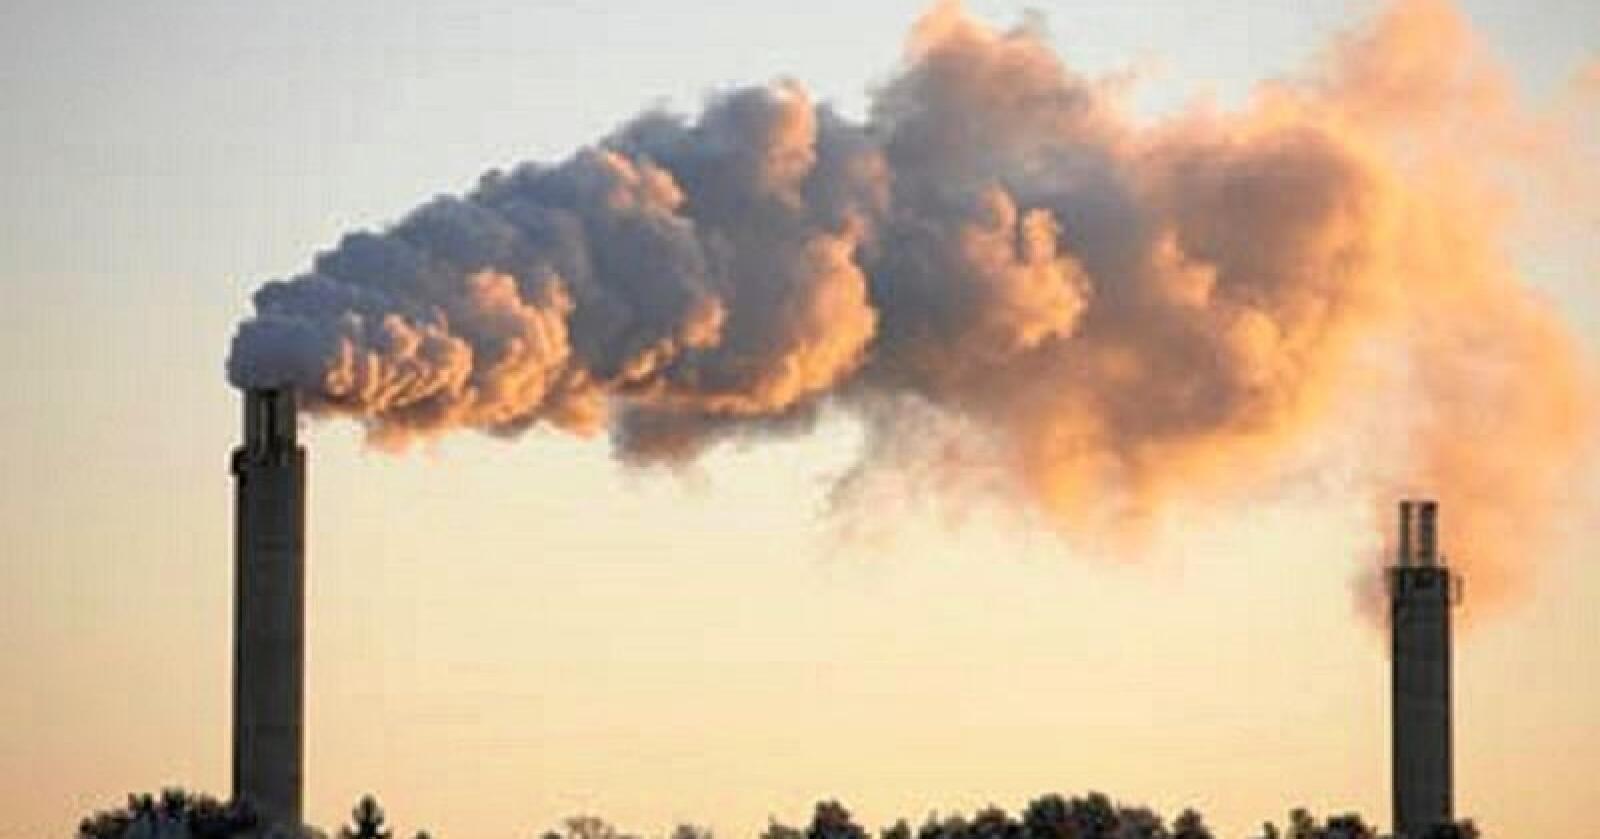 Vanskelig: Det blir ikke mer gjenbruk av å avgiftsbelegge brenning, skriver innsenderen. Foto: Miljødirektoratet